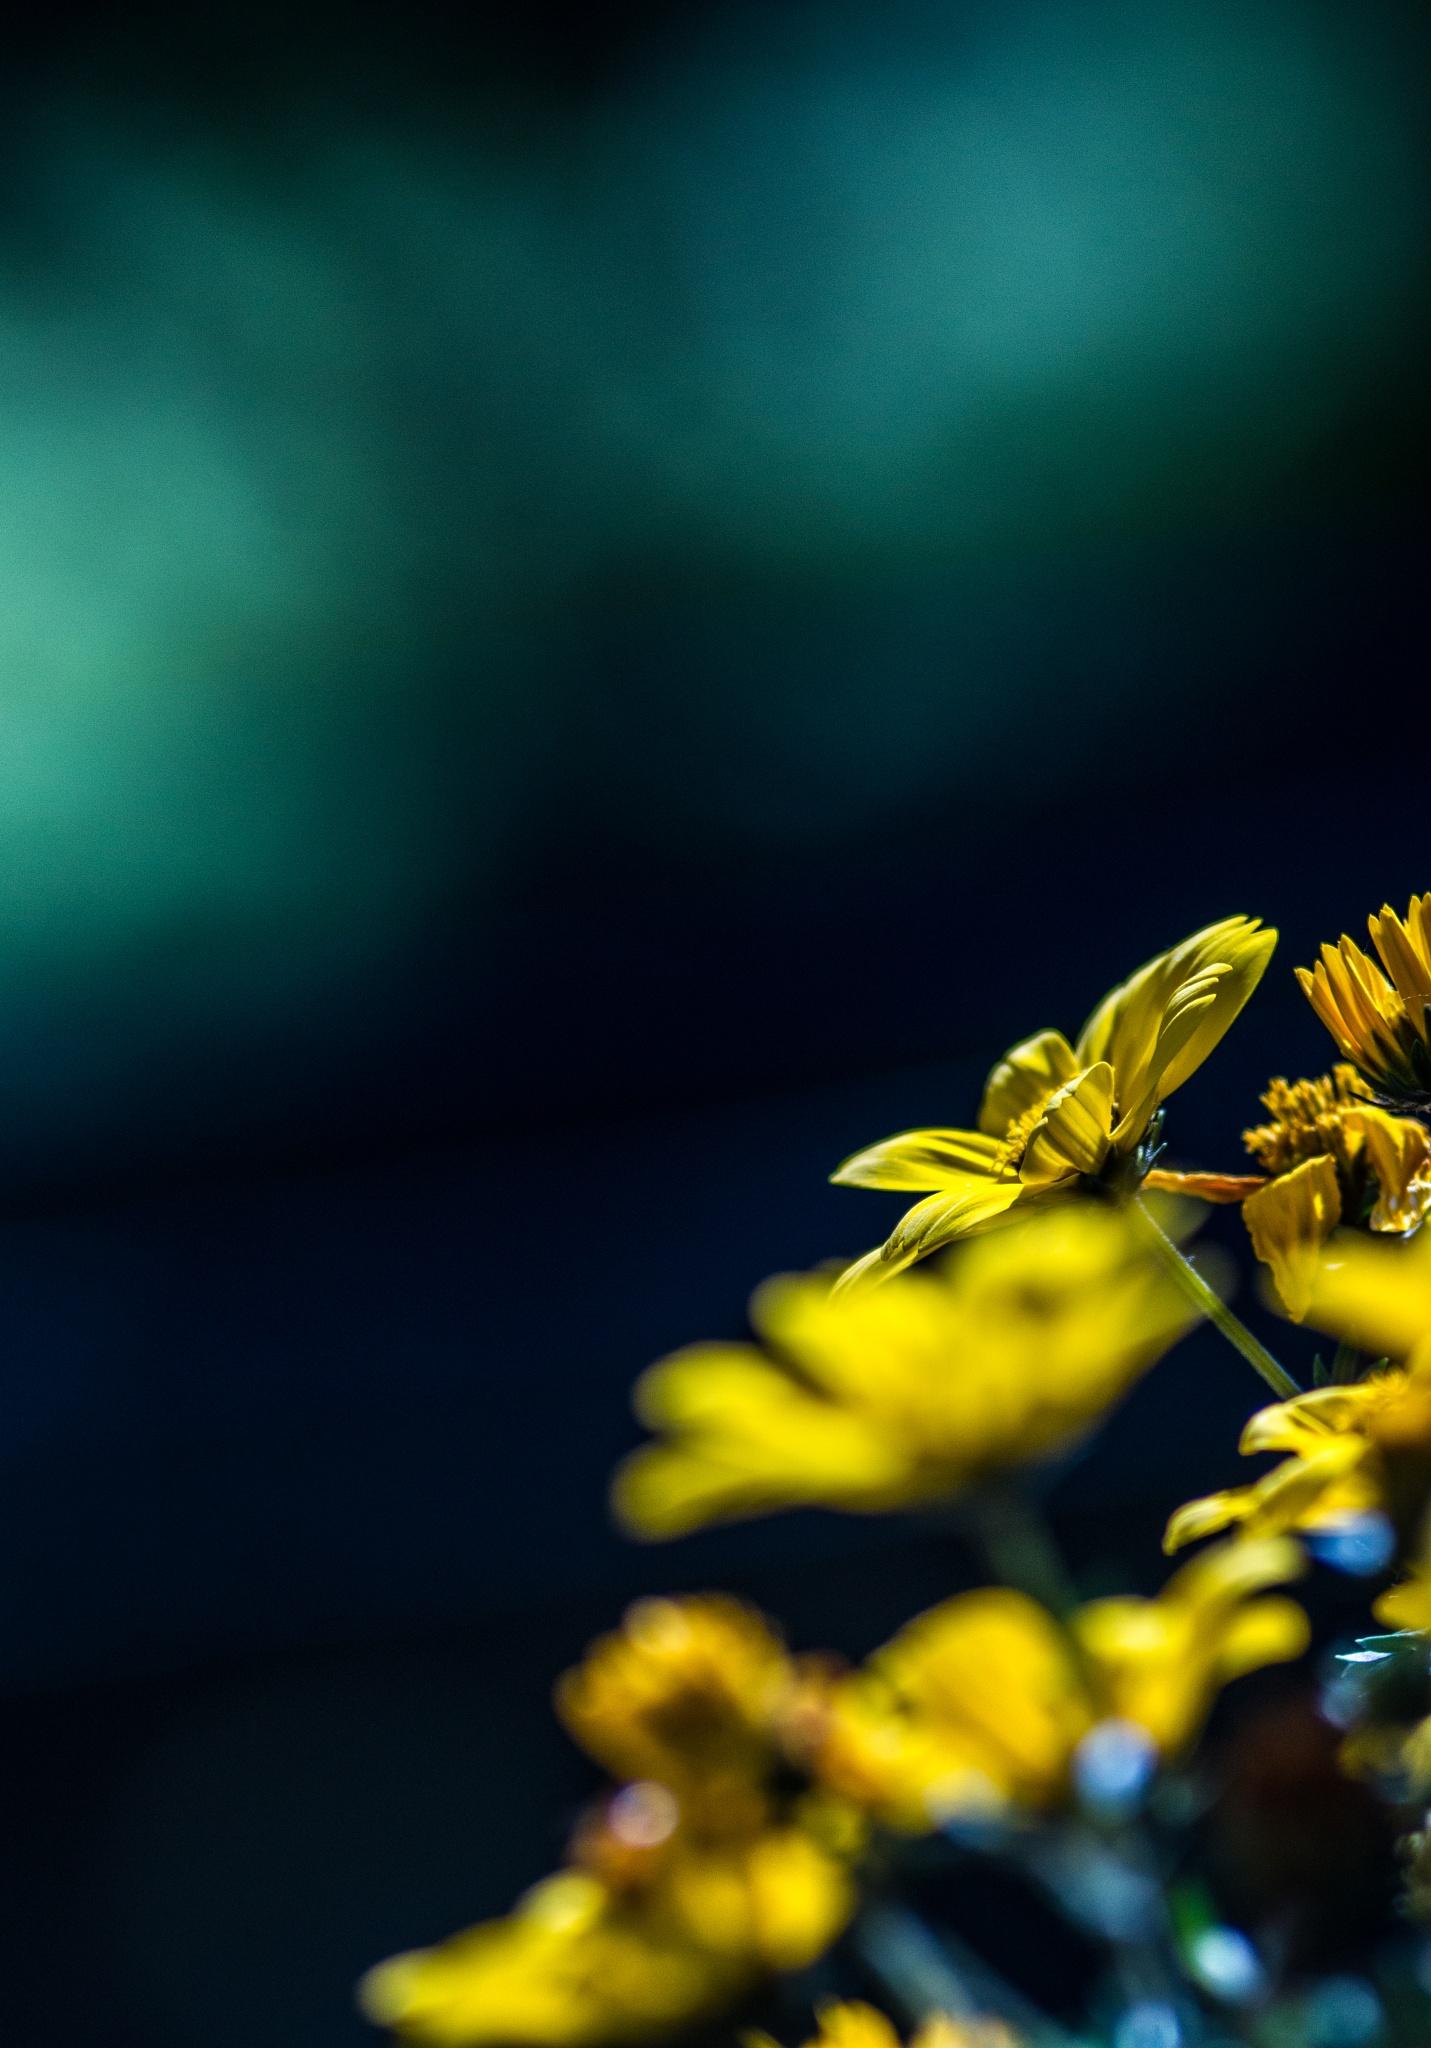 Yellow by Norbert Kamiński